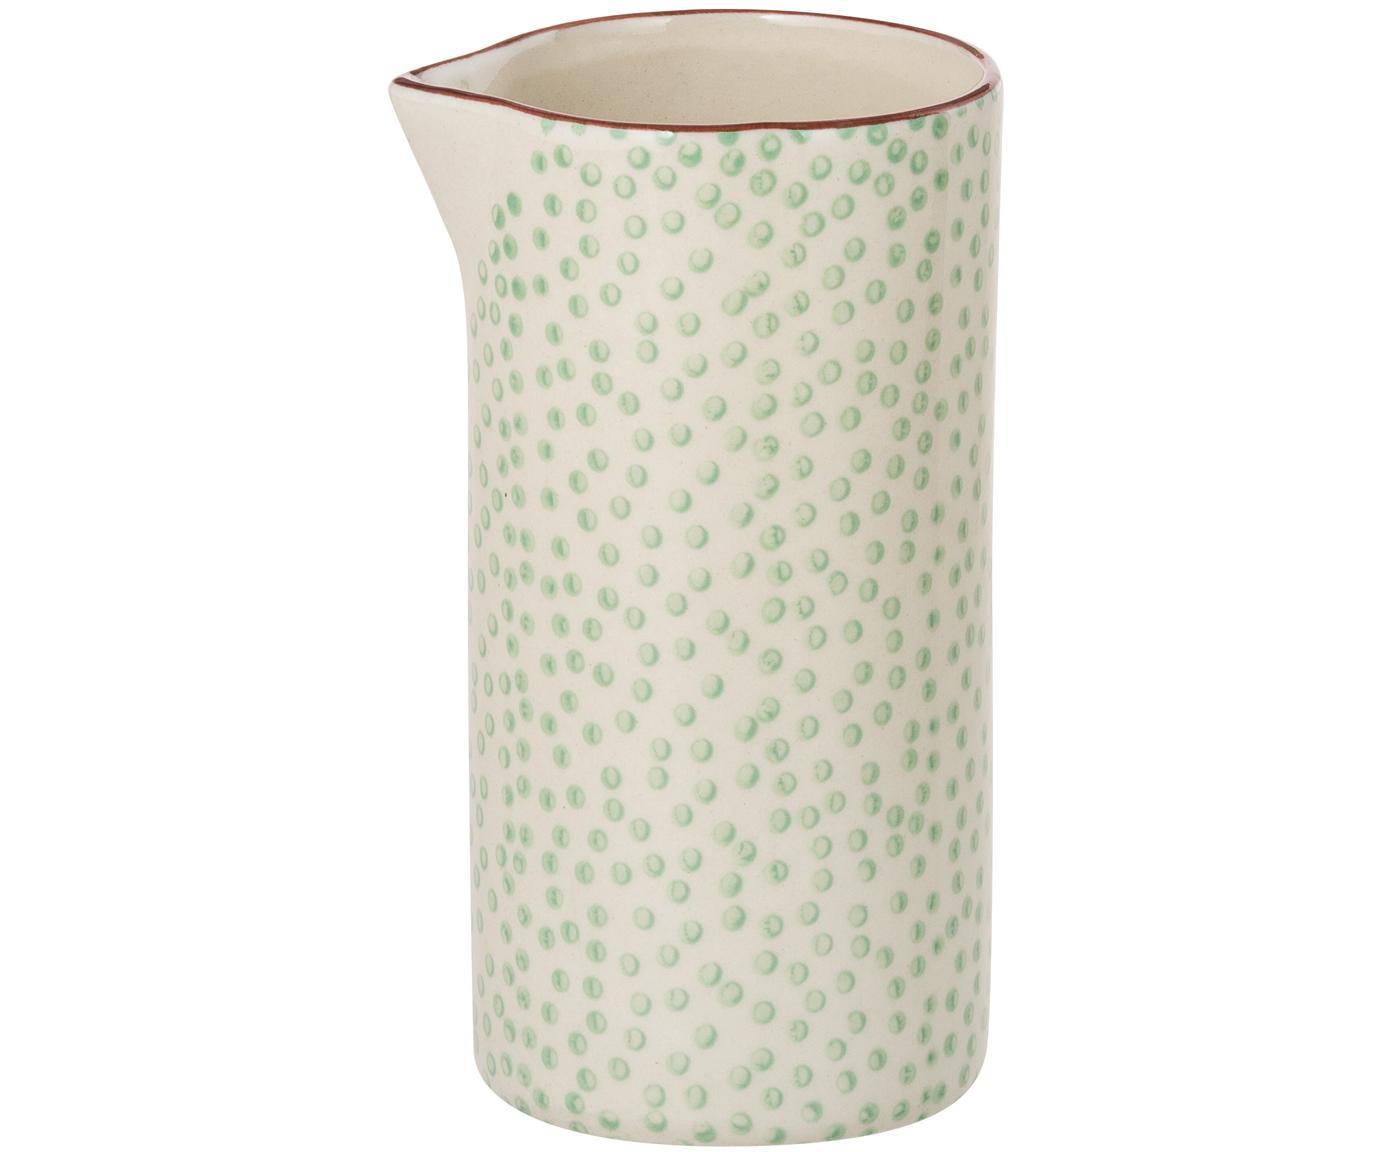 Melkkannetje Patrizia, Steengoed, Groen, crème, paars, Ø 6 x H 12 cm